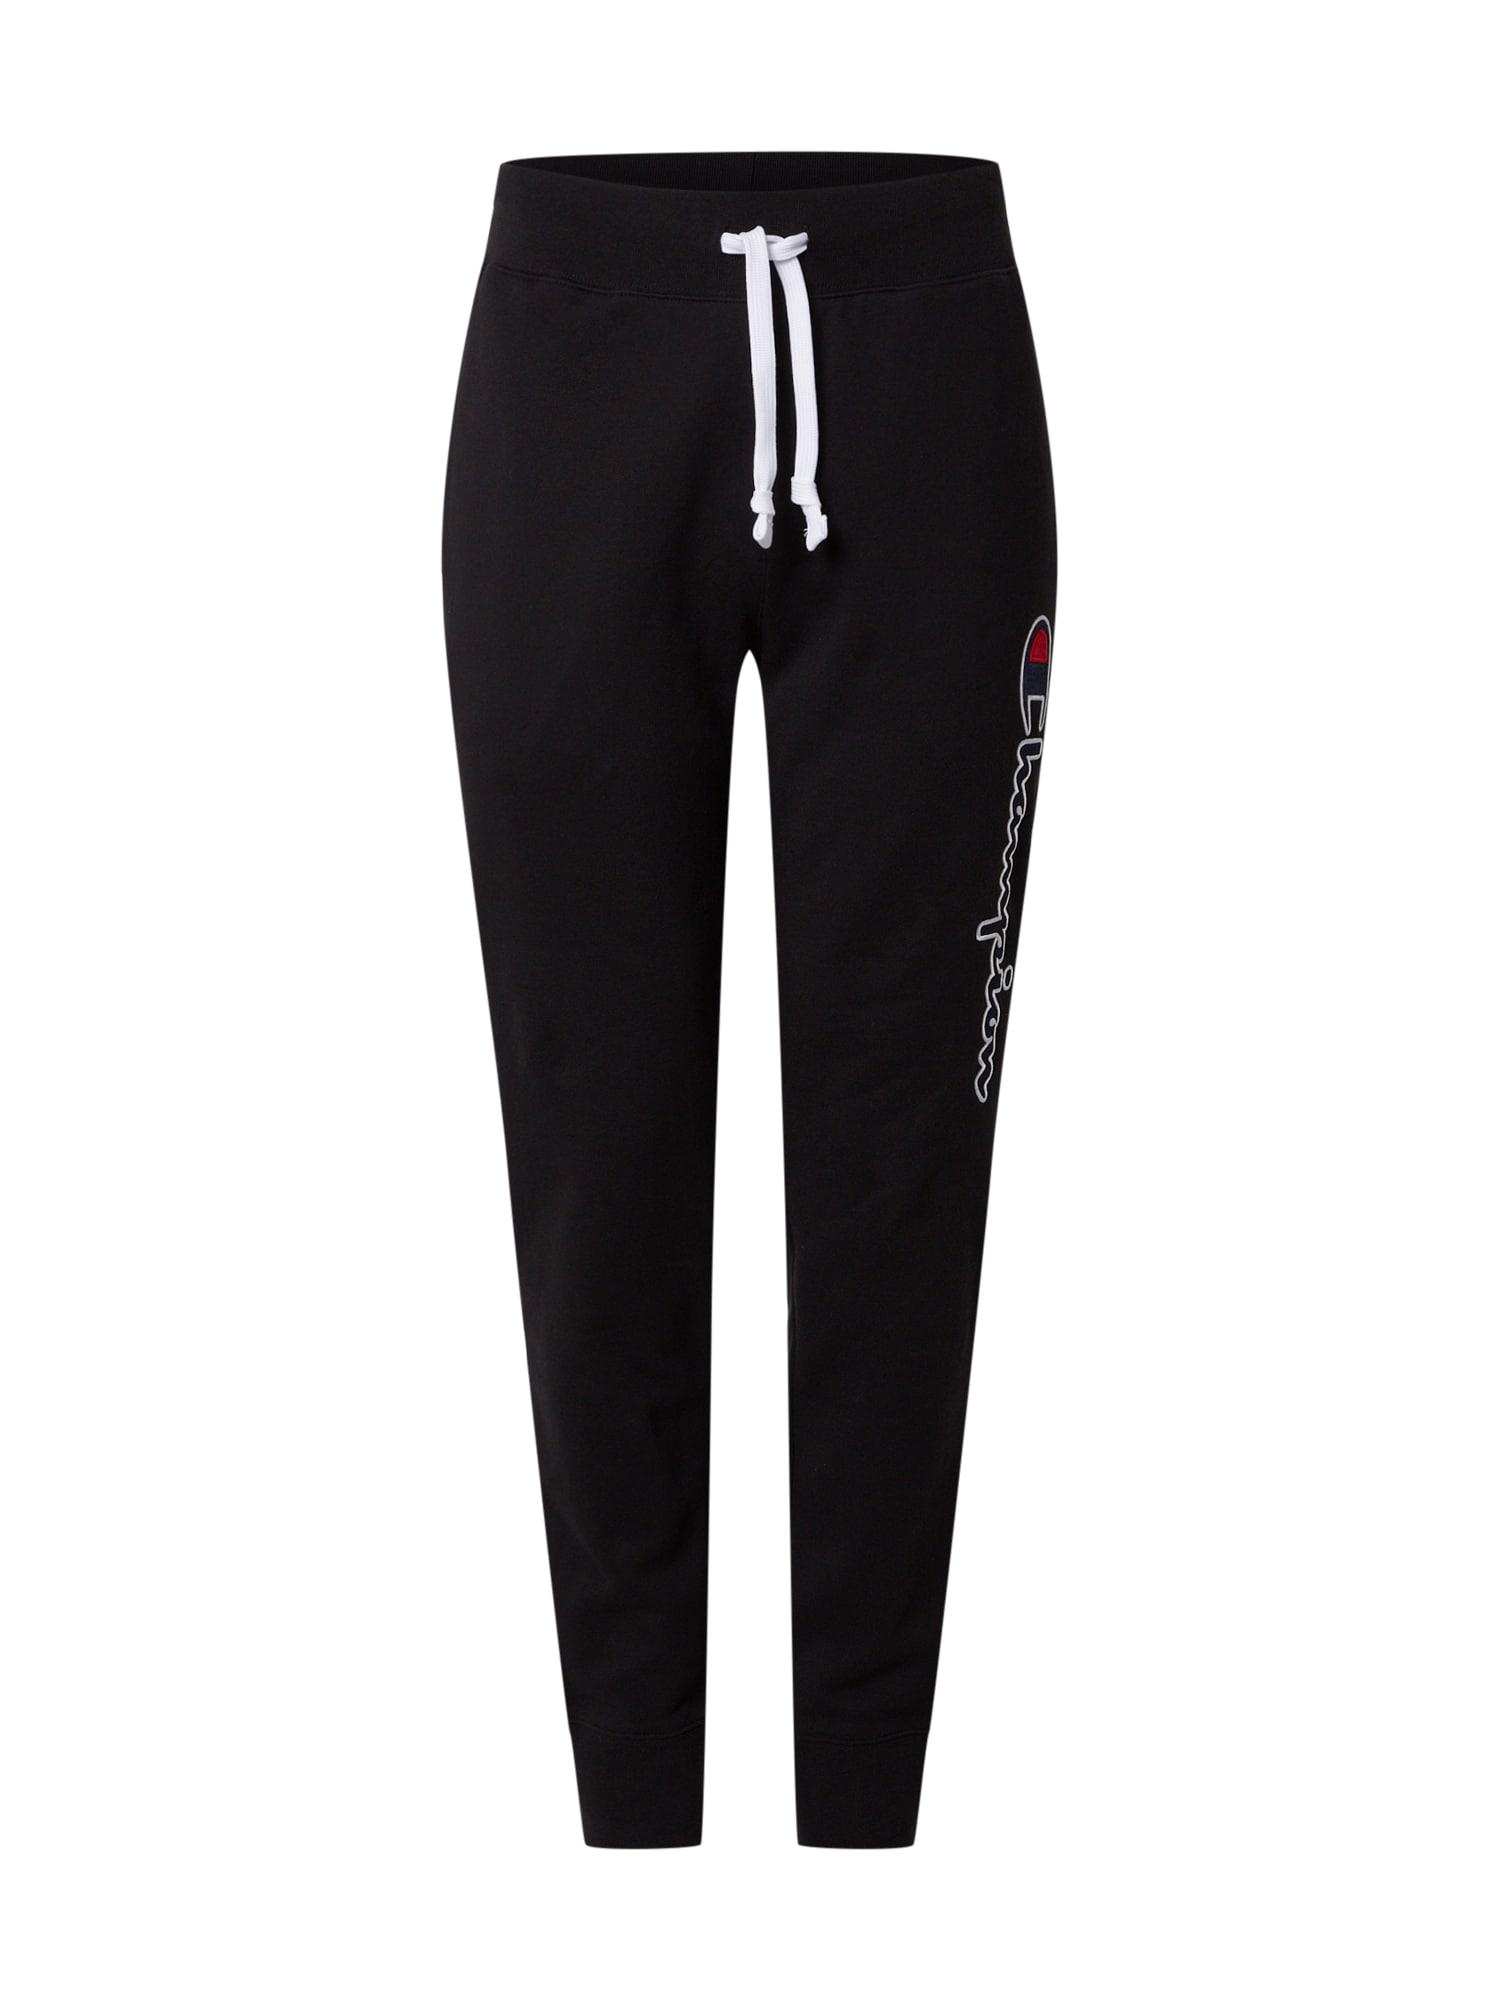 Champion Authentic Athletic Apparel Kelnės juoda / tamsiai mėlyna / balta / raudona